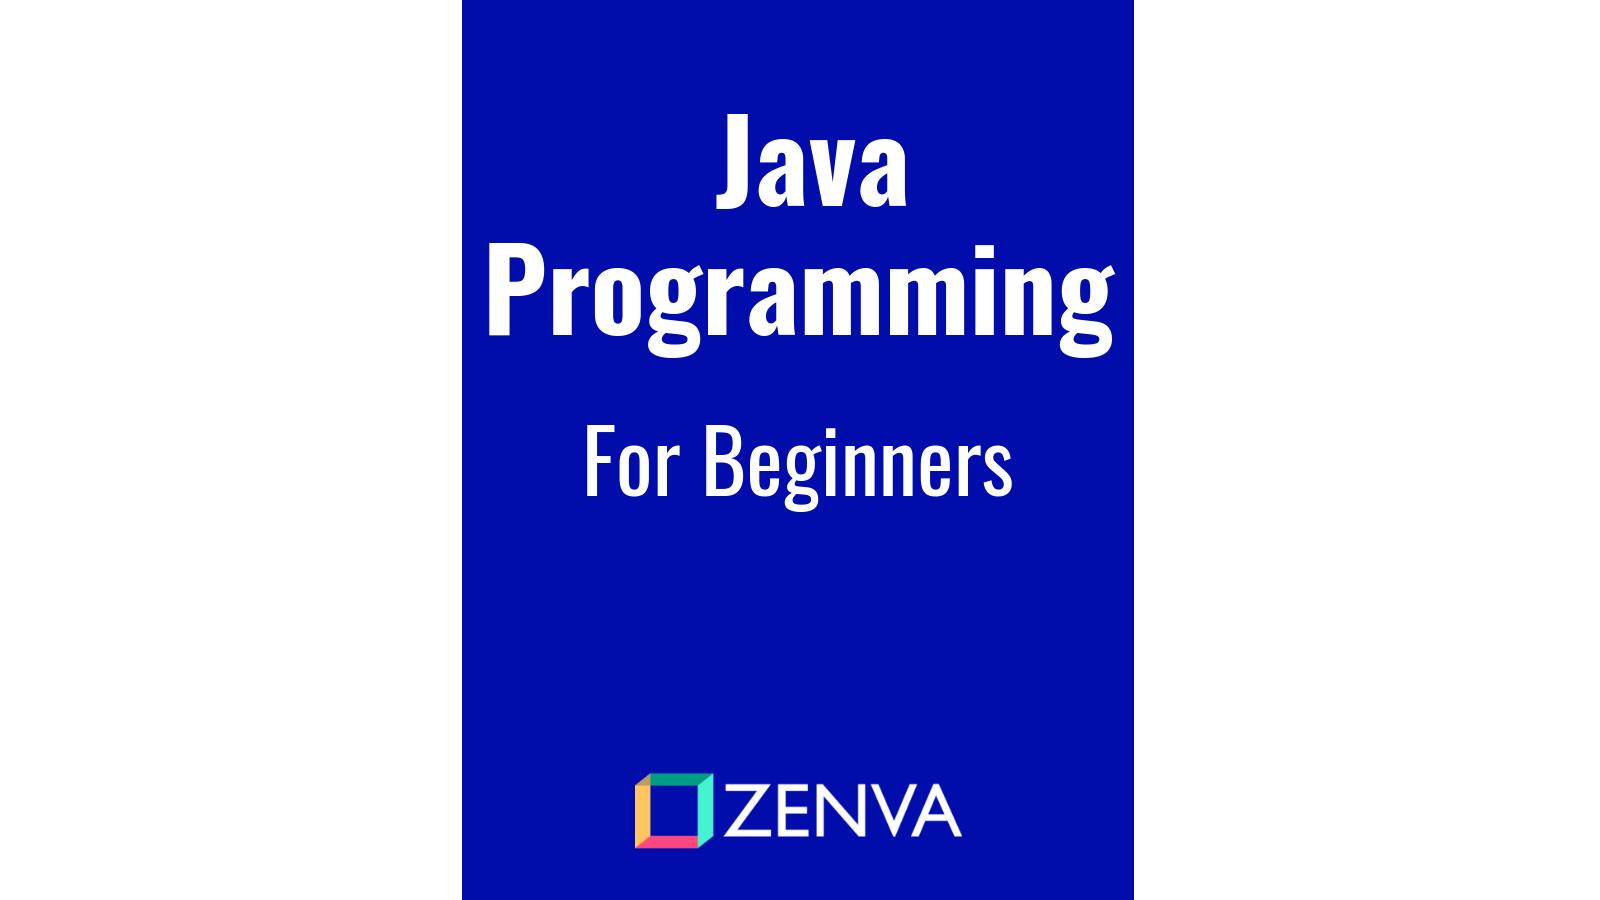 eBook - Java Programming for Beginners